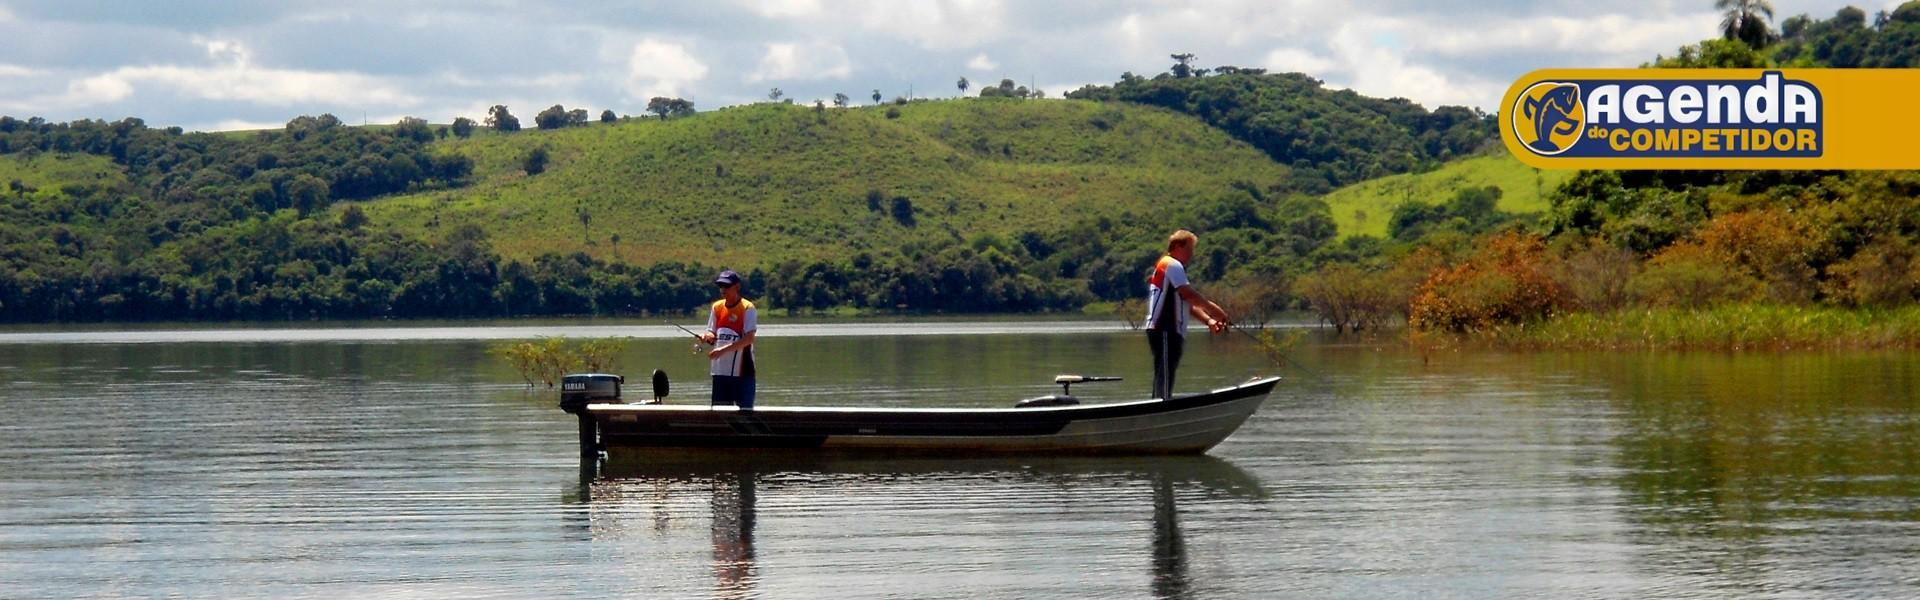 Agenda do Competidor: programe sua próxima pescaria!